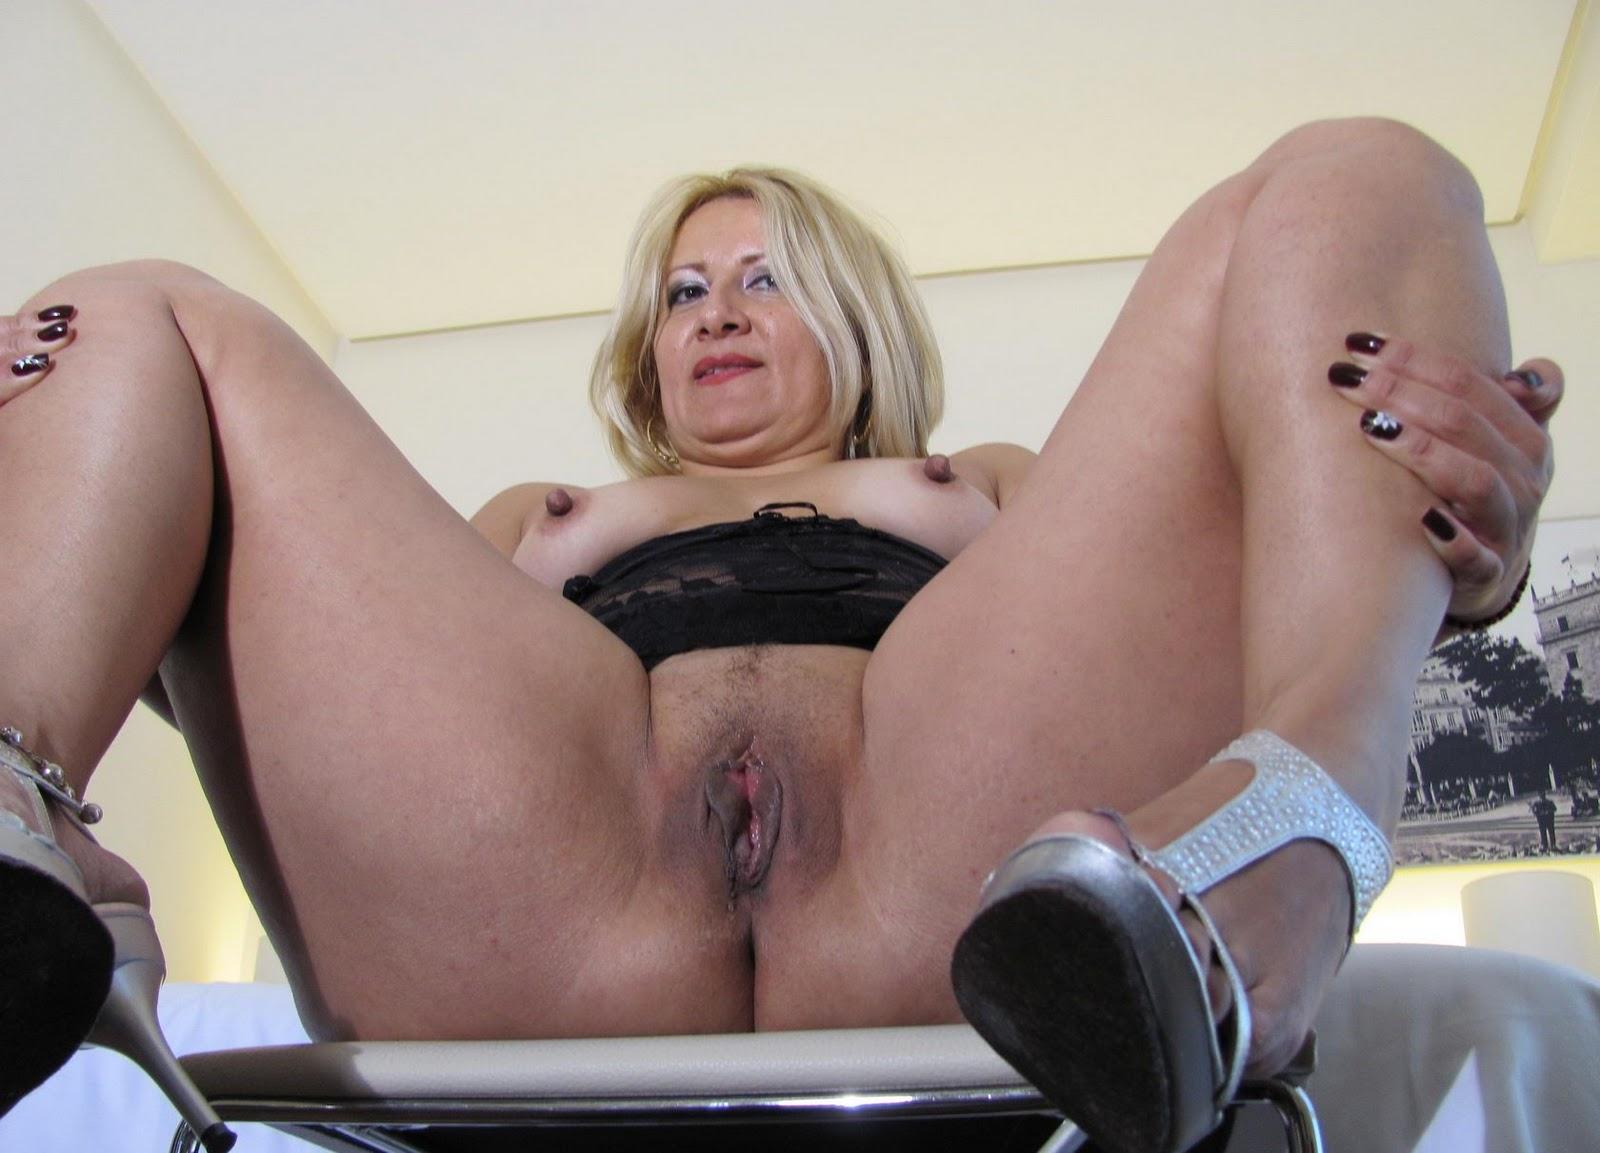 Muy Putas Calientes chicas muy calientes desnudas las mejores fotos chicas